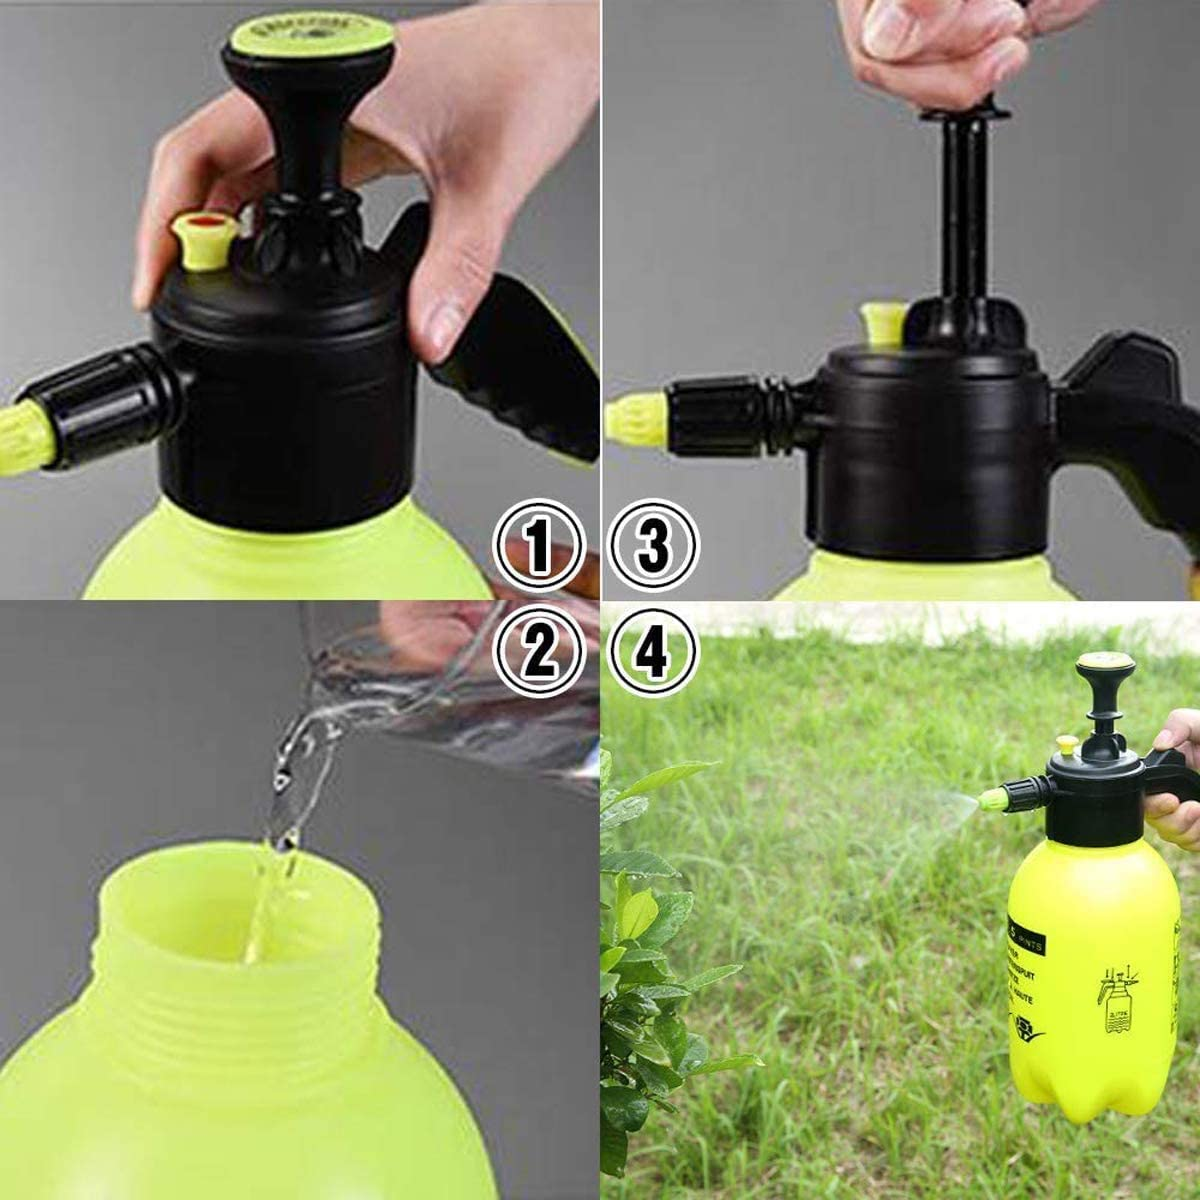 Wonninek Hand Held Garden Sprayer Pump Pressure Water Sprayers Garden 2L Hand Sprayer for Lawn